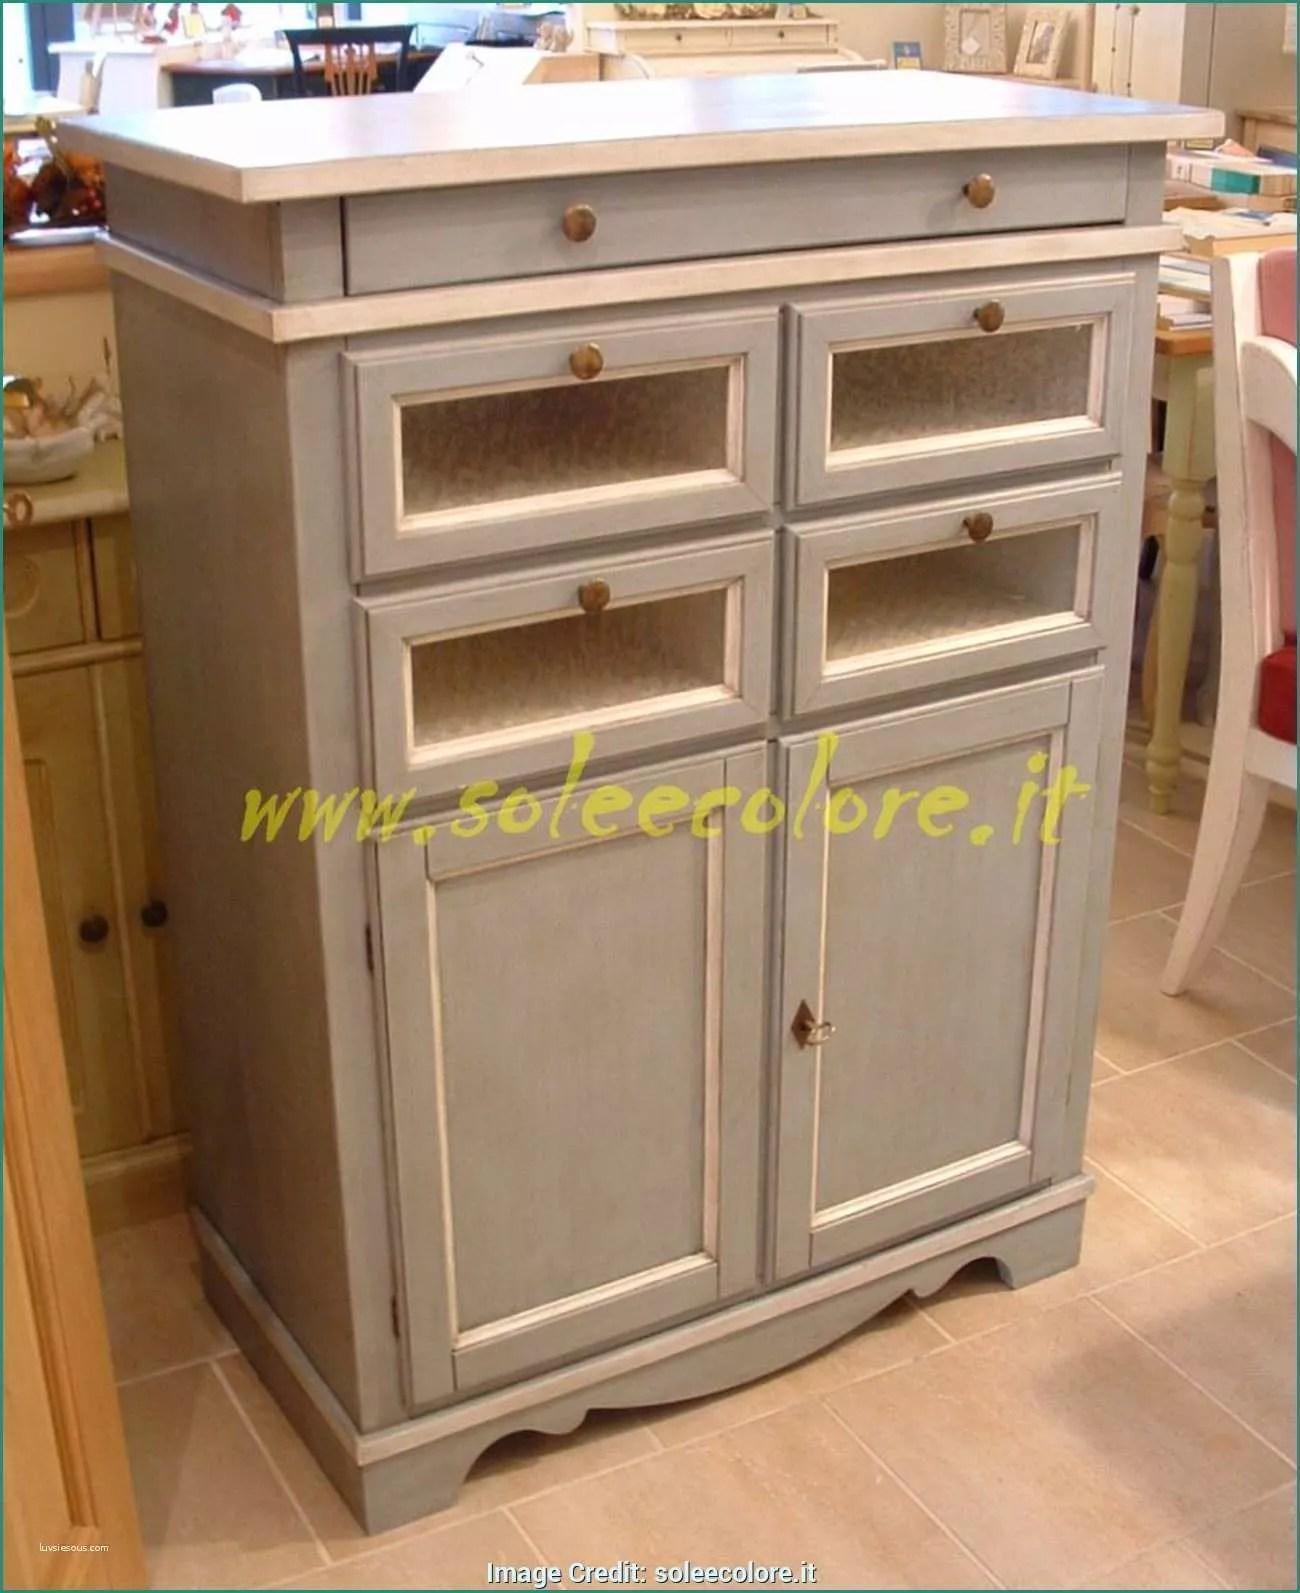 Cucina A Mobiletto | Mobile Sottolavello Cucina Leroy Merlin ...